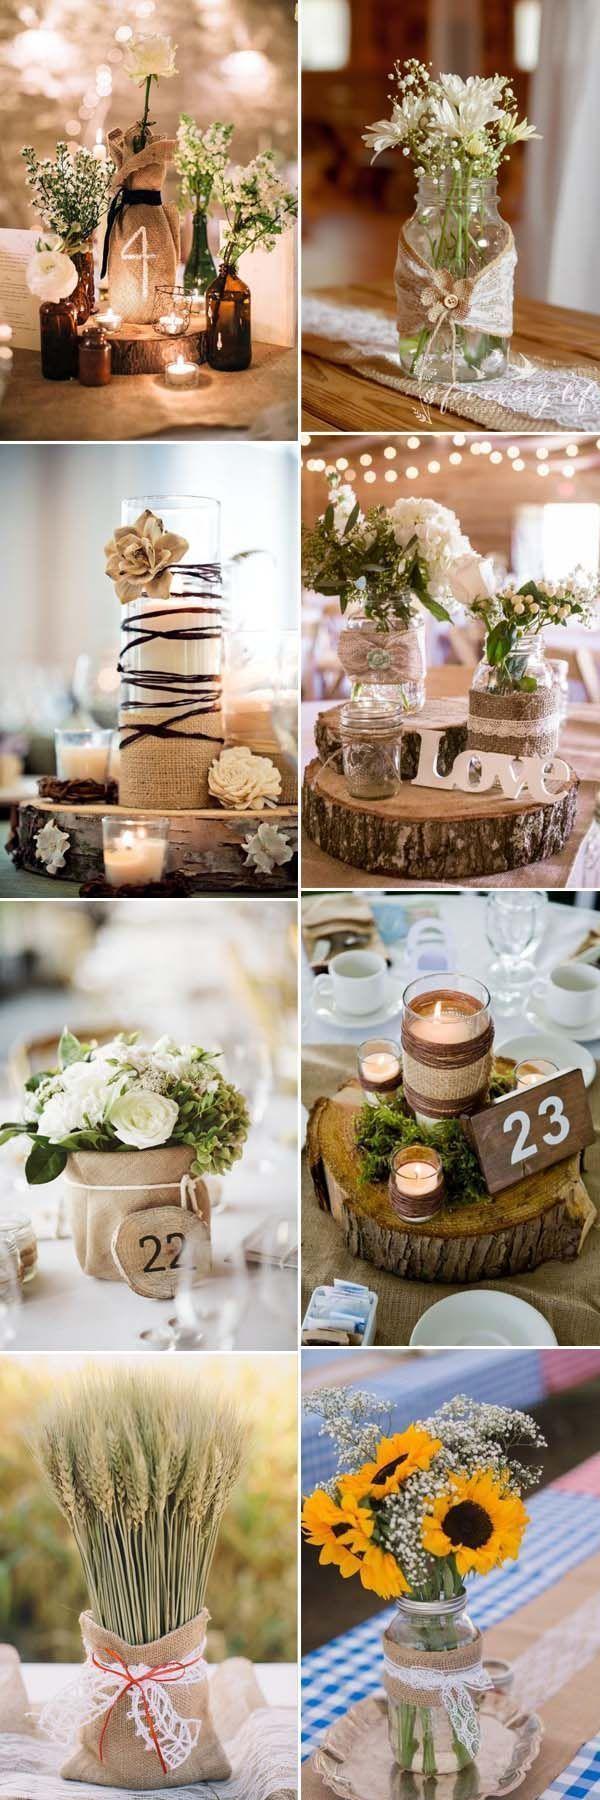 schöne rustikale Hochzeits-Mittelstücke, dekoriert mit Sackleinen